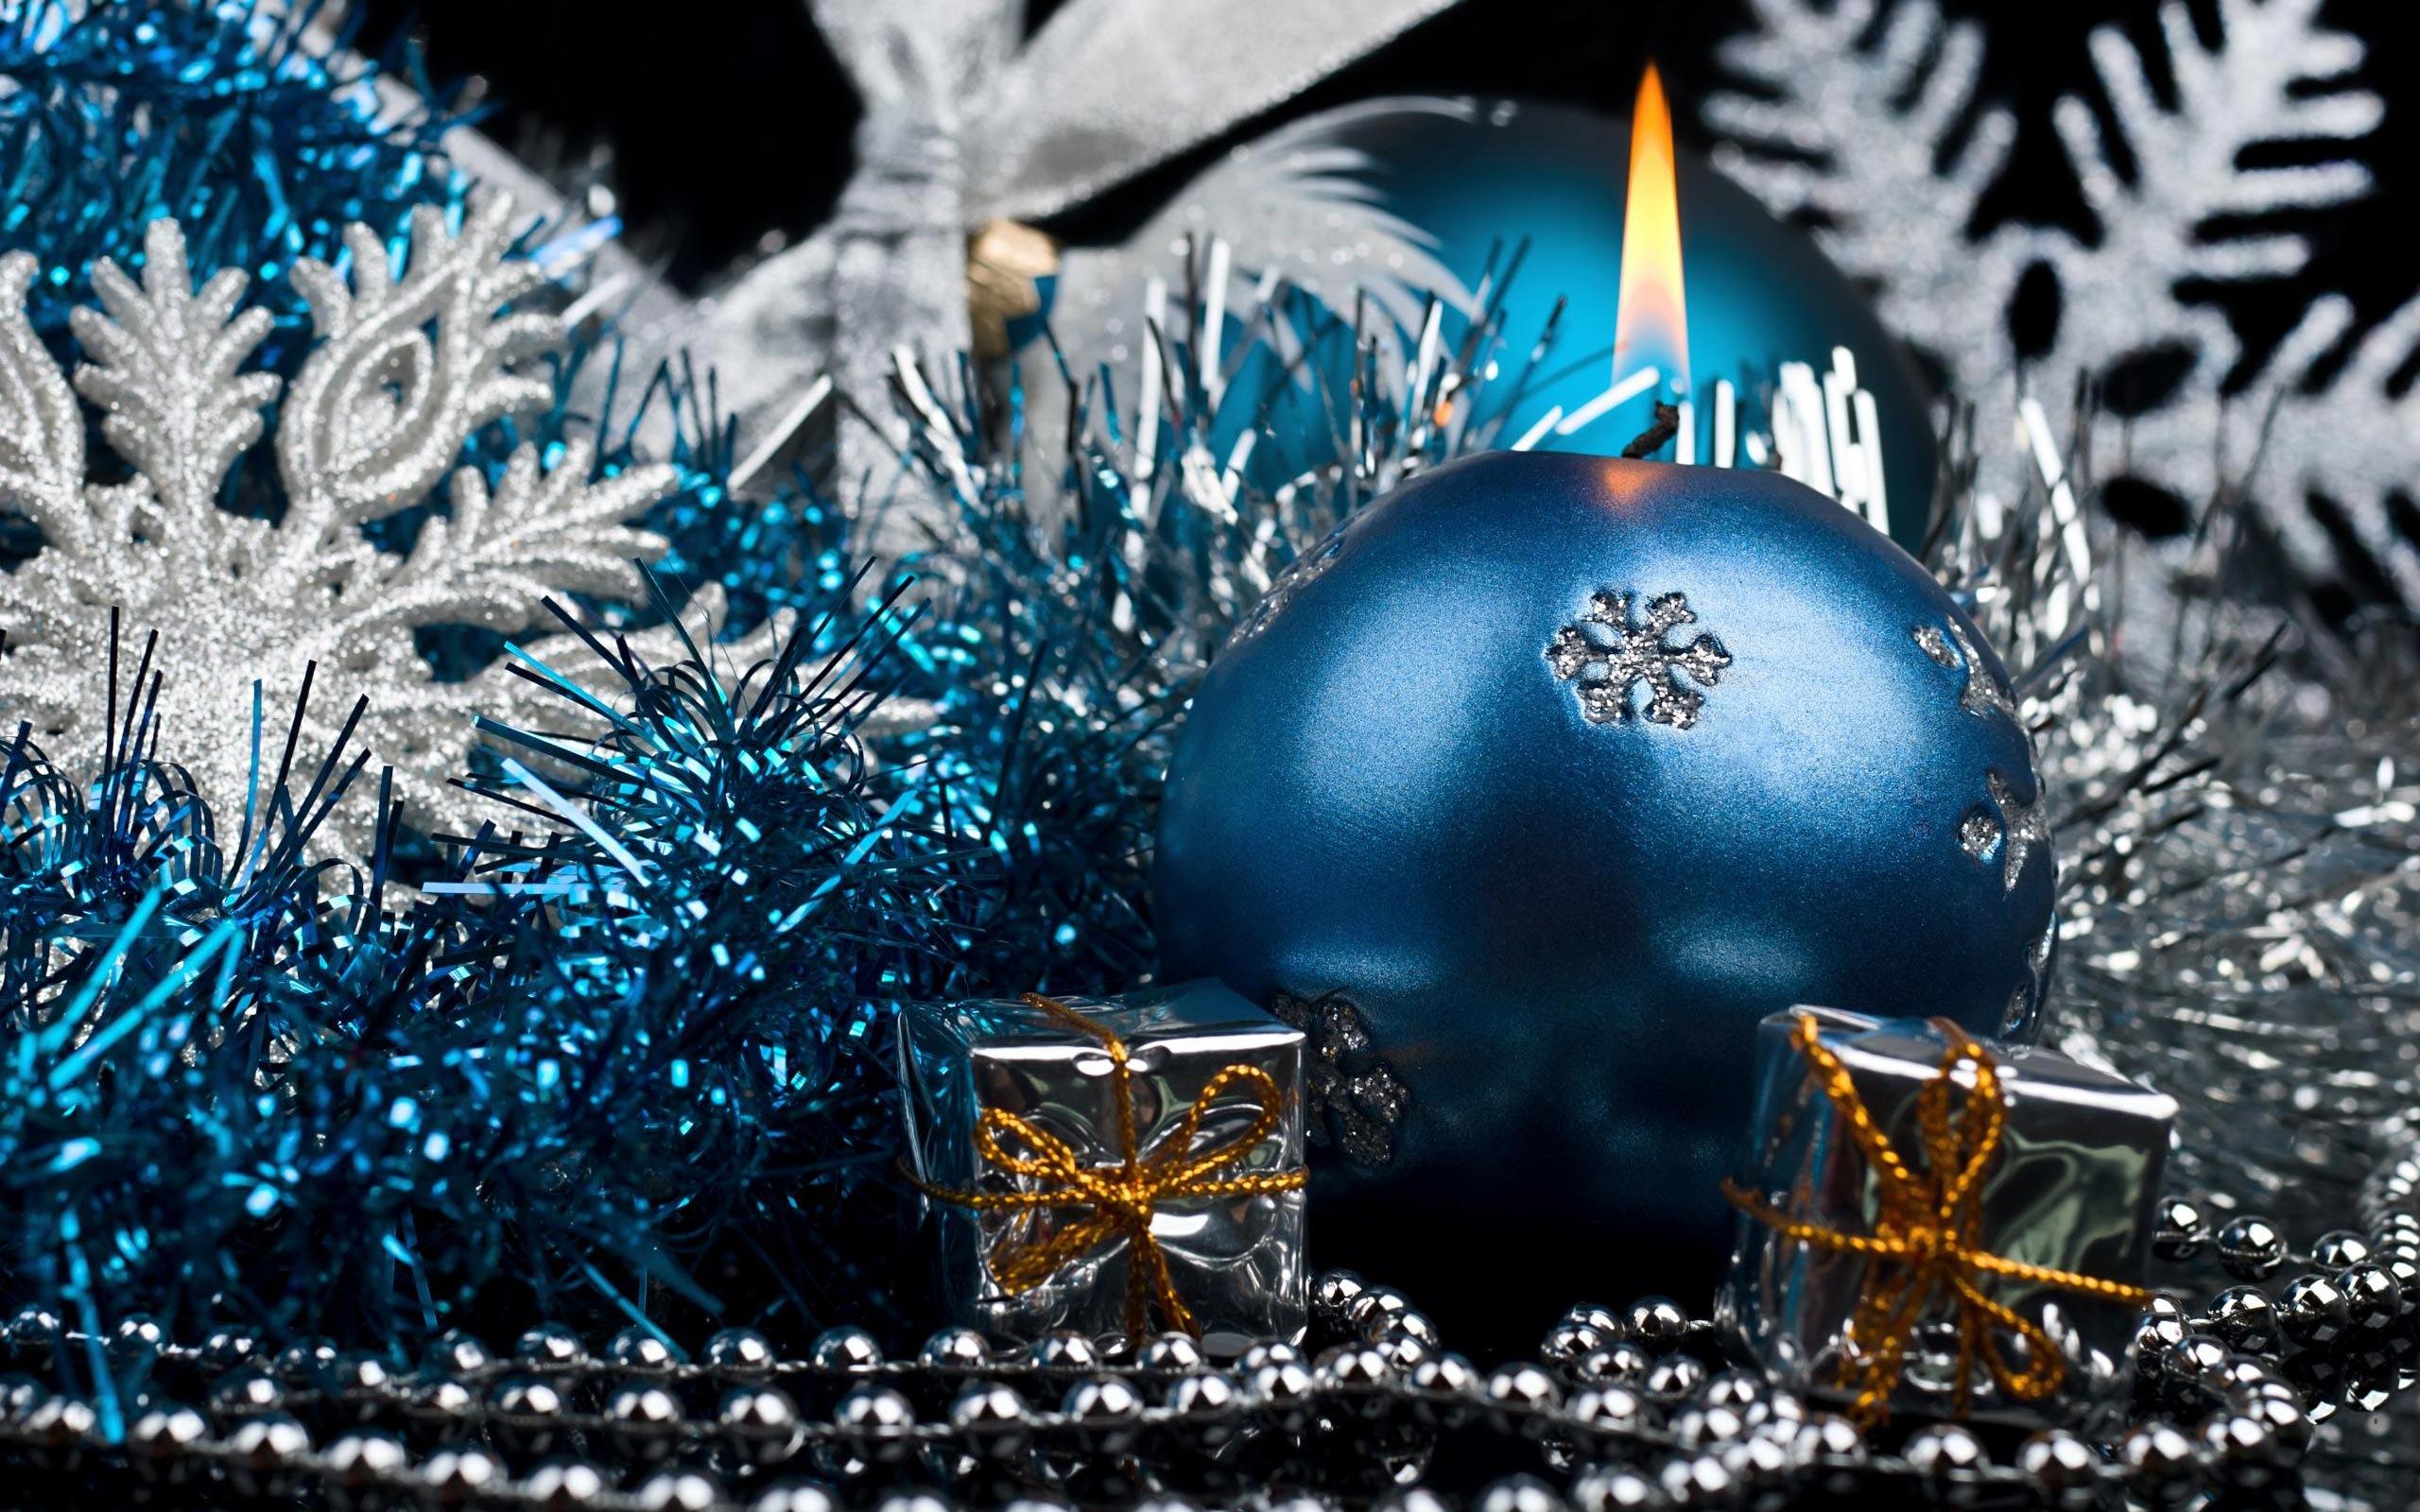 Hintergrundbild Frohe Weihnachten.Frohe Weihnachten Hd Wallpaper Feature 7 2560x1600